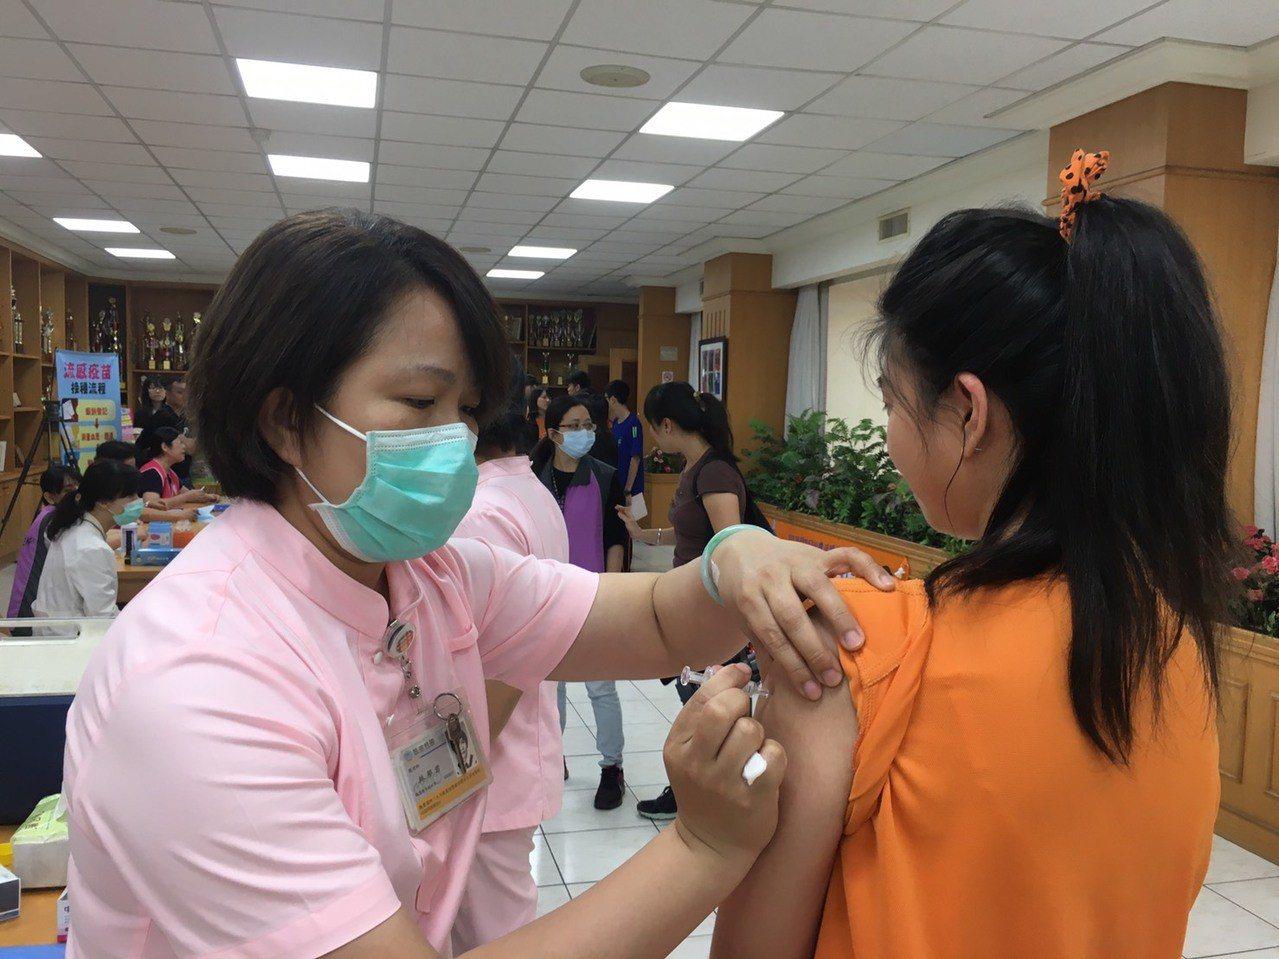 高雄市衛生局12月3日恢復國中公費流感疫苗集中接種作業。圖/高雄市衛生局提供